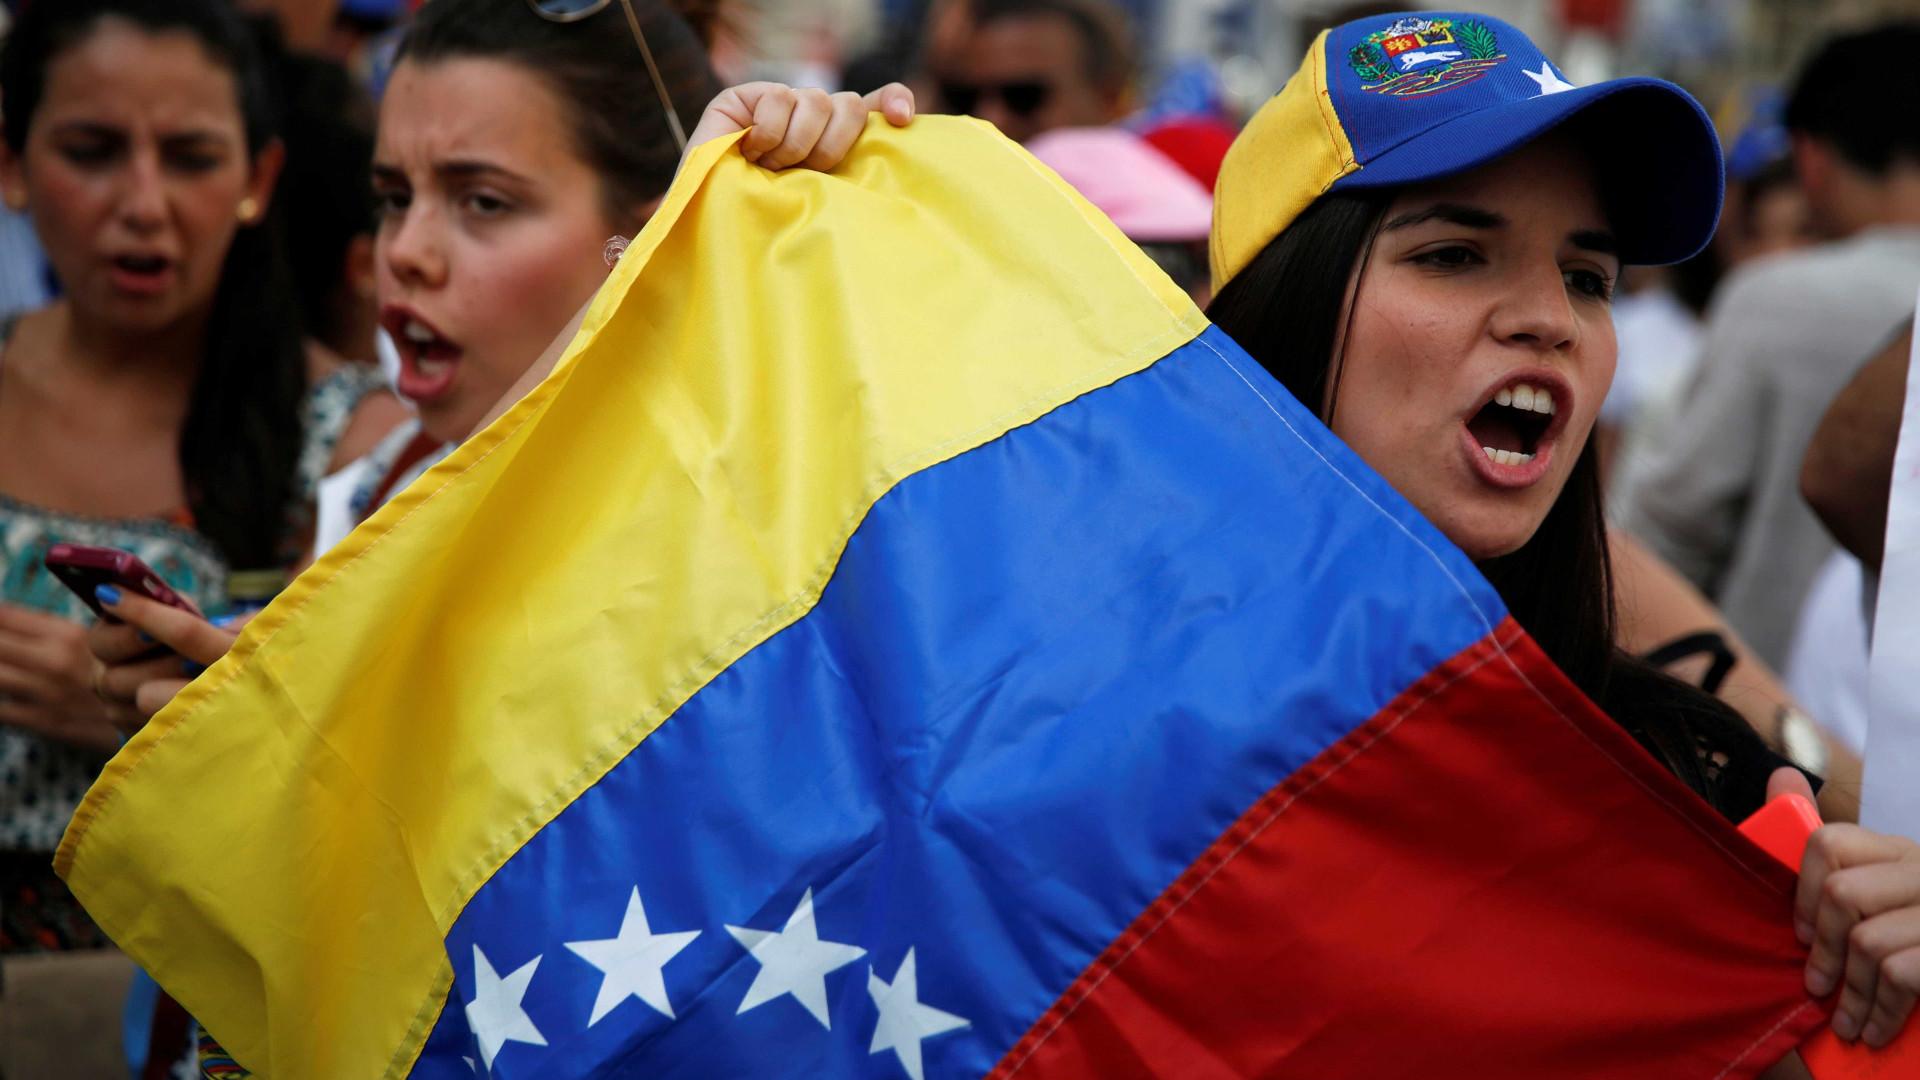 Nove países da América Latina condenam violência e lamentam vítimas